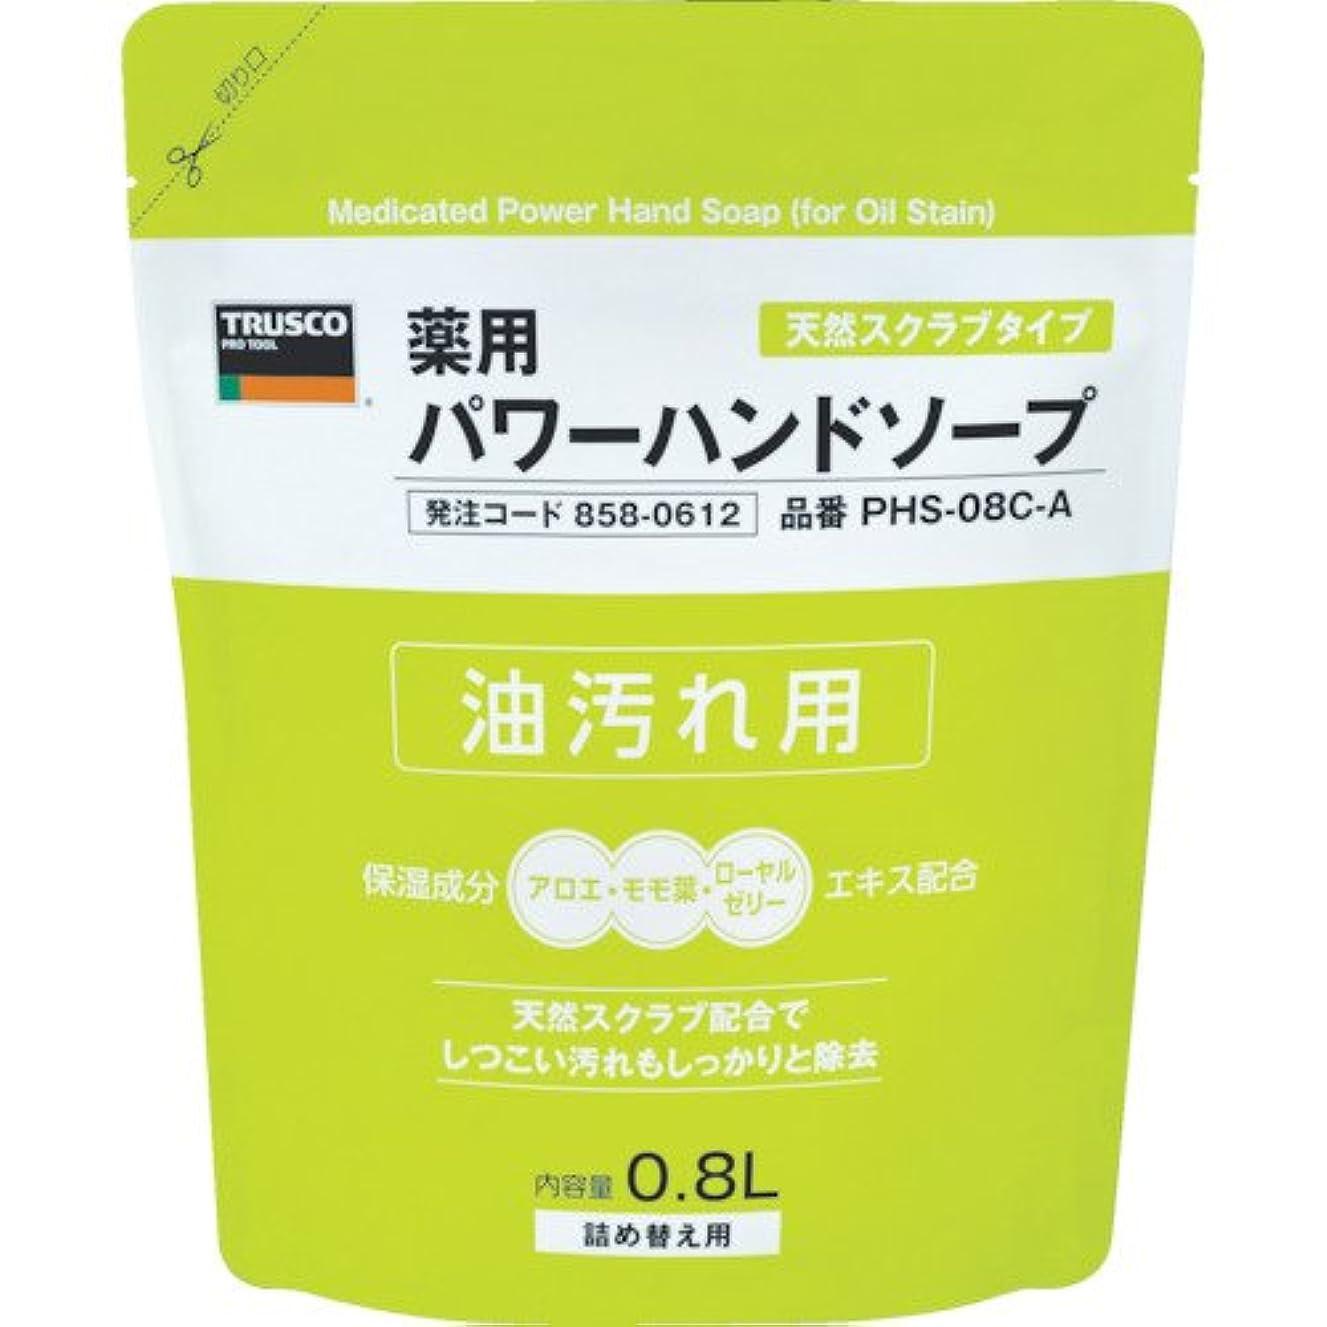 さわやか社会専制トラスコ中山 株 TRUSCO 薬用パワーハンドソープ 袋入詰替 0.8L PHS-08C-A